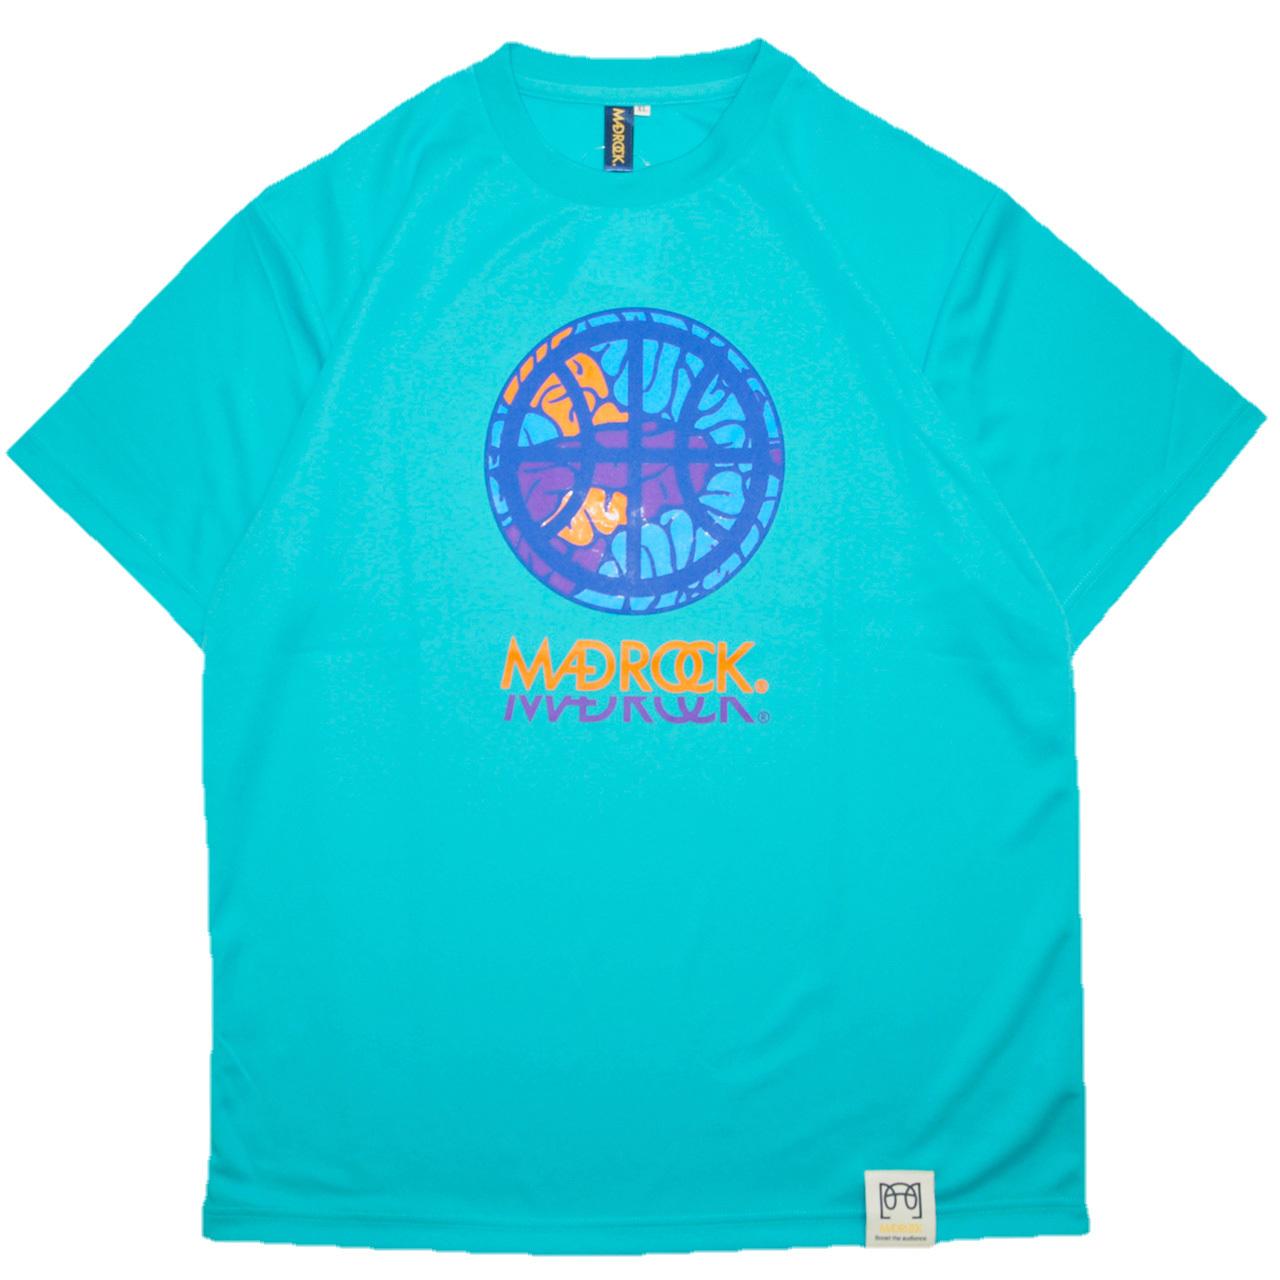 マッドロック - インテンションボール - Tシャツ / ドライタイプ / ミントブルー / MADROCK - Intention Ball - TEE